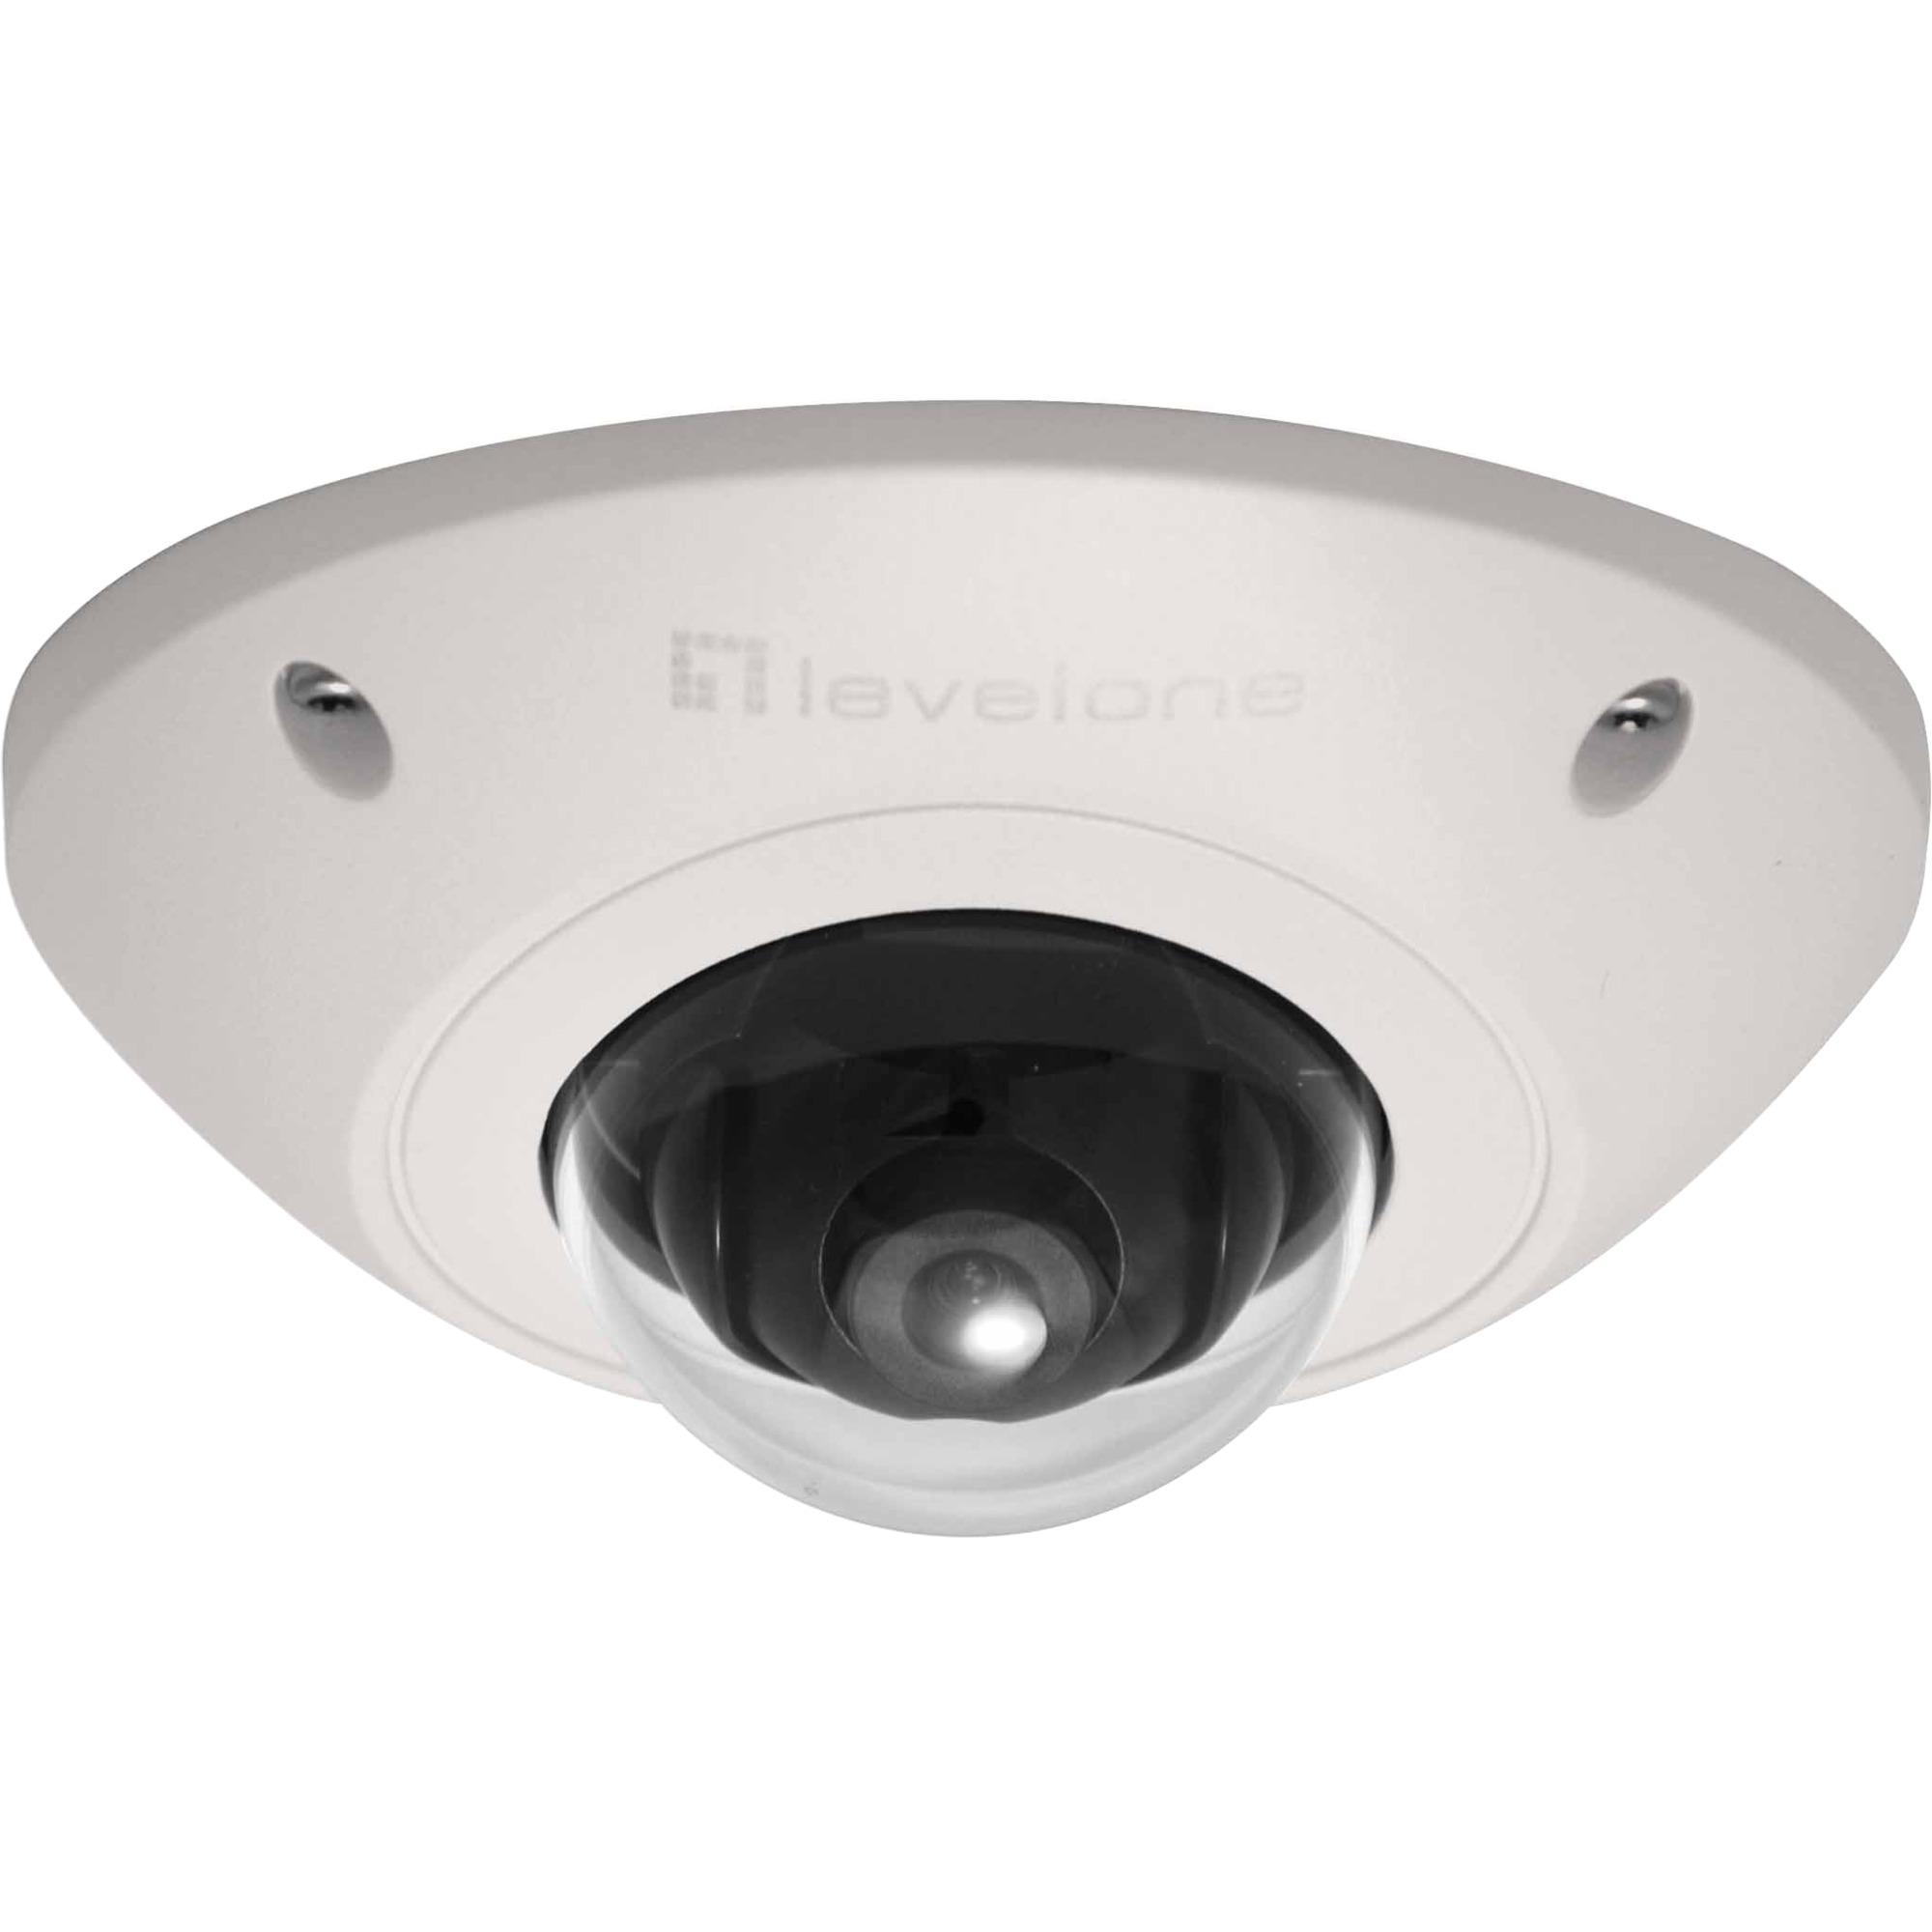 FCS-3073 cámara de vigilancia Cámara de seguridad IP Interior y exterior Almohadilla Blanco 1920 x 1080 Pixeles, Cámara de red